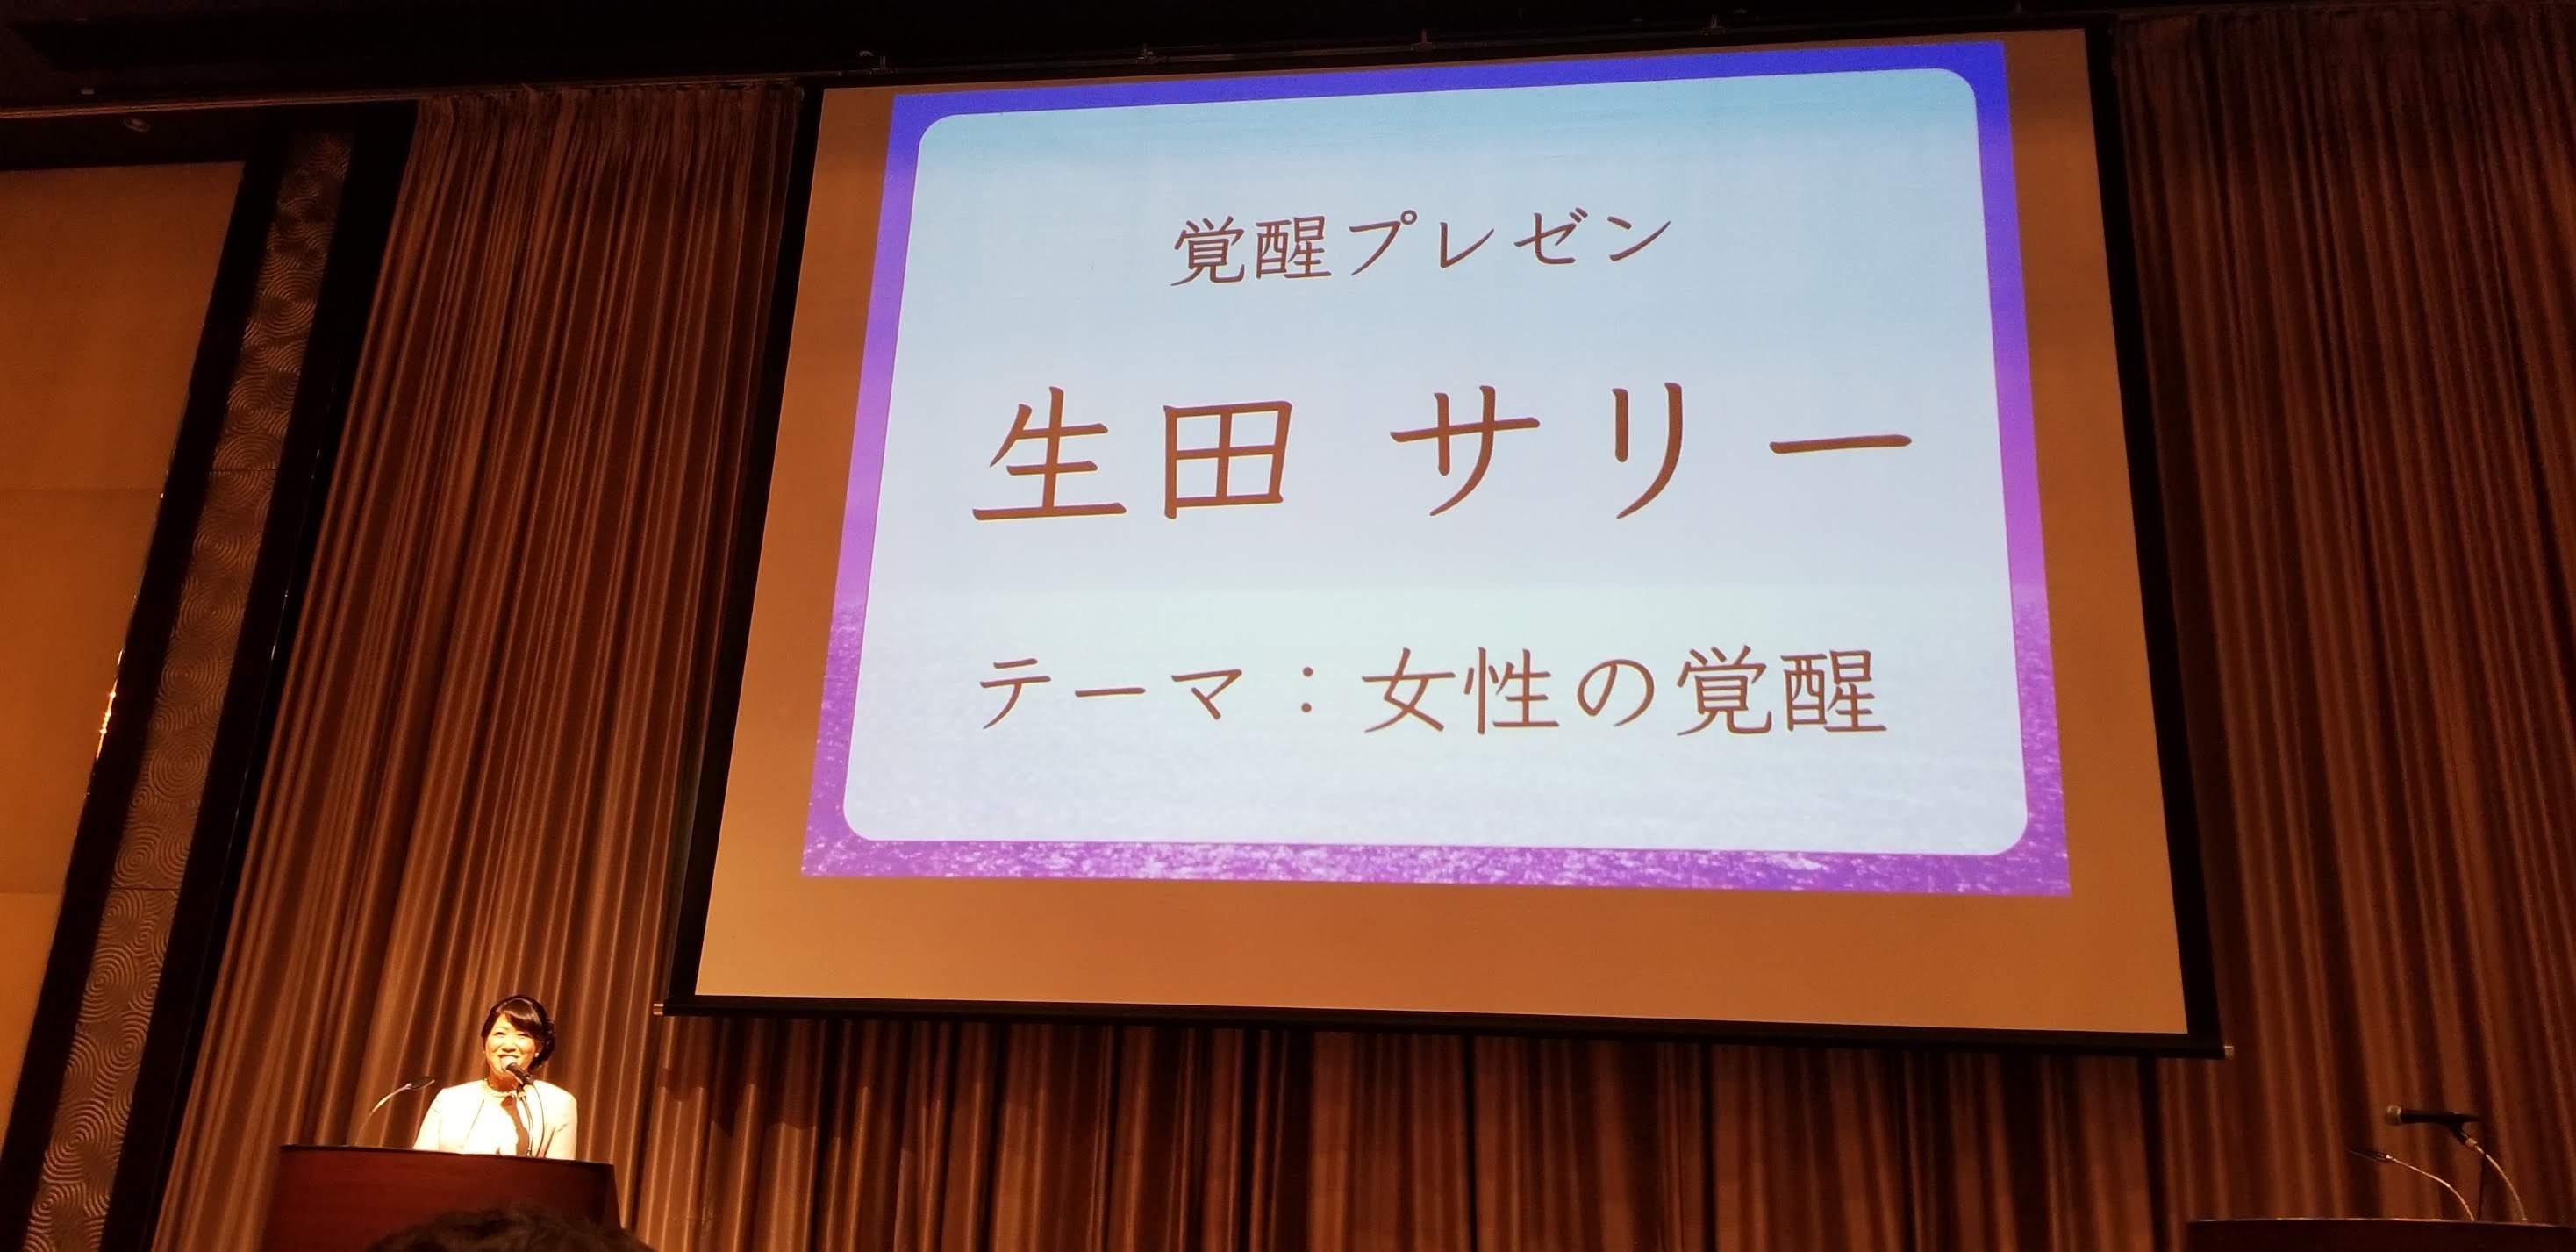 a5ced3ecc08826e3c91547e5ad04b849 1 - 思風会全国大会in広島